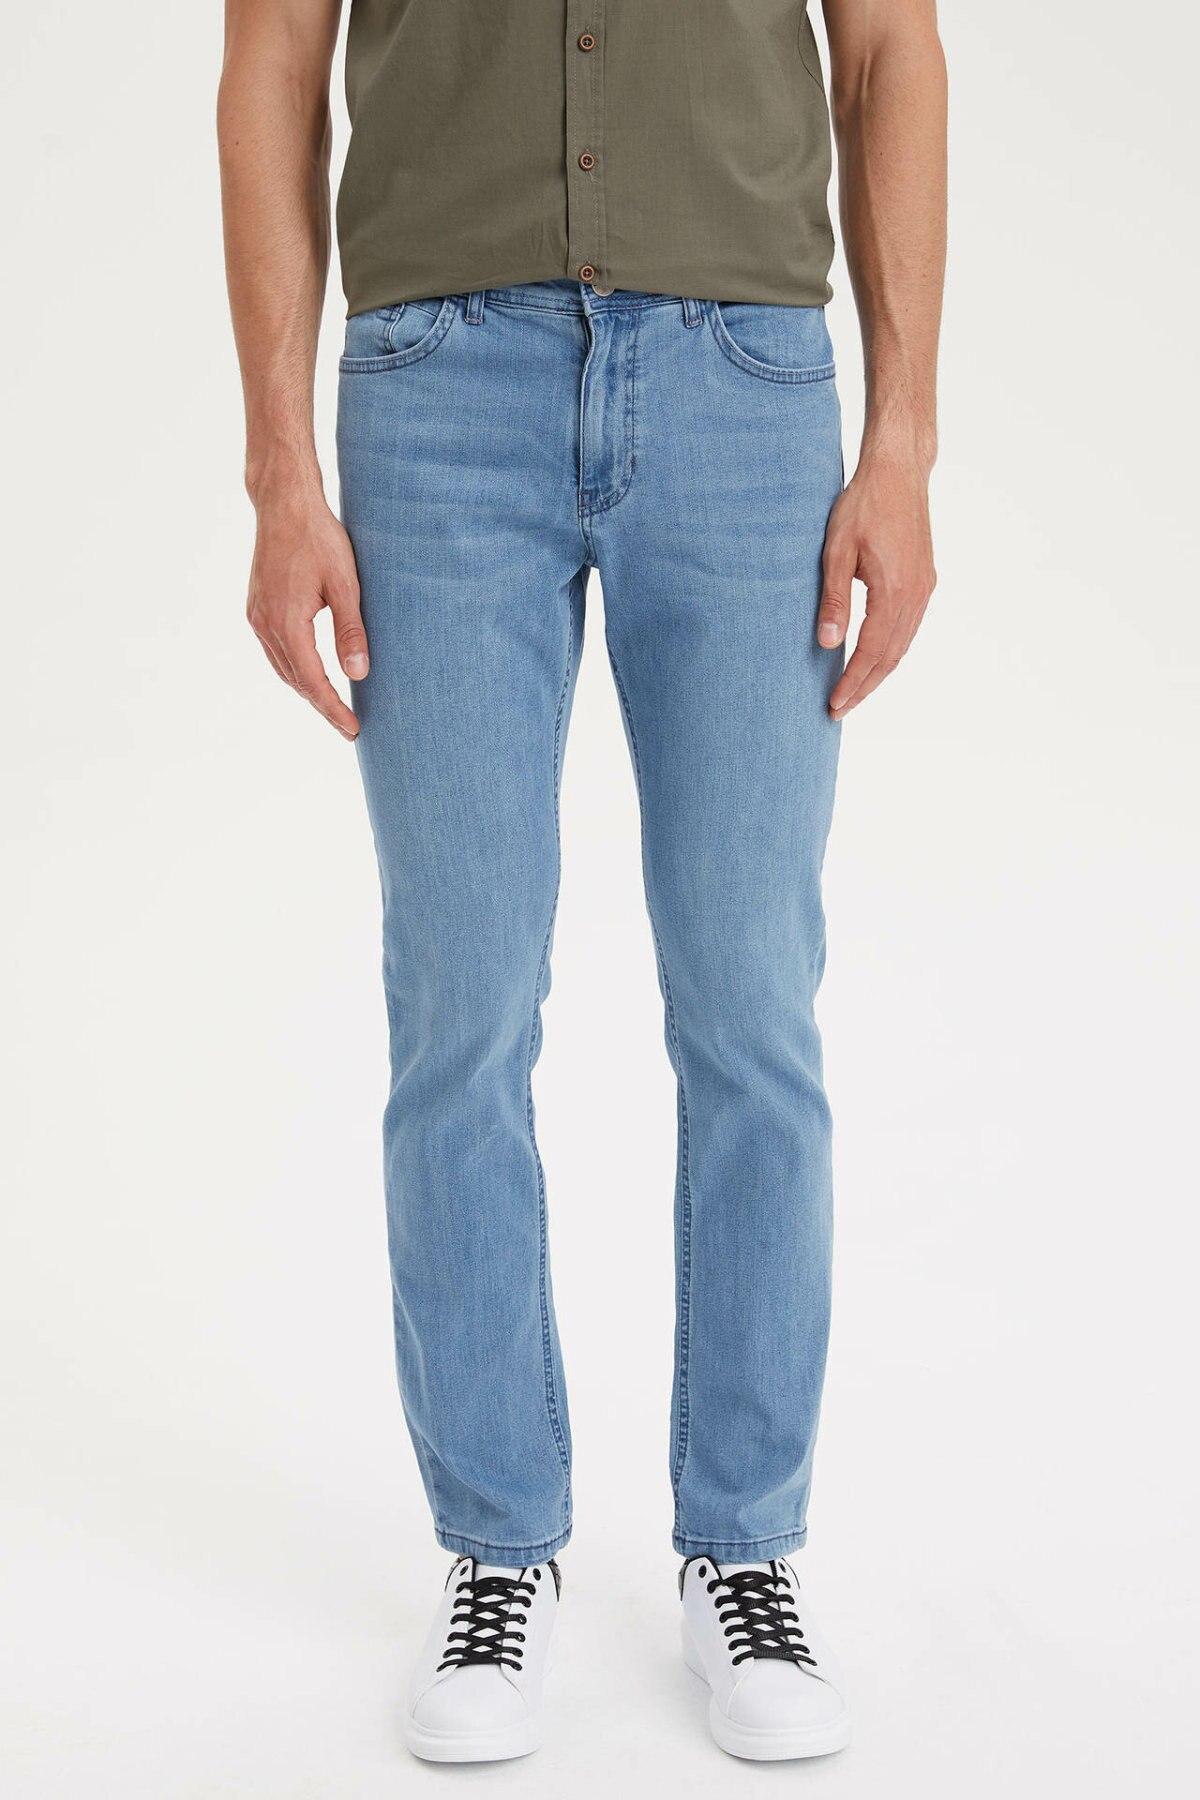 DeFacto Man Trousers-K8784AZ19SM